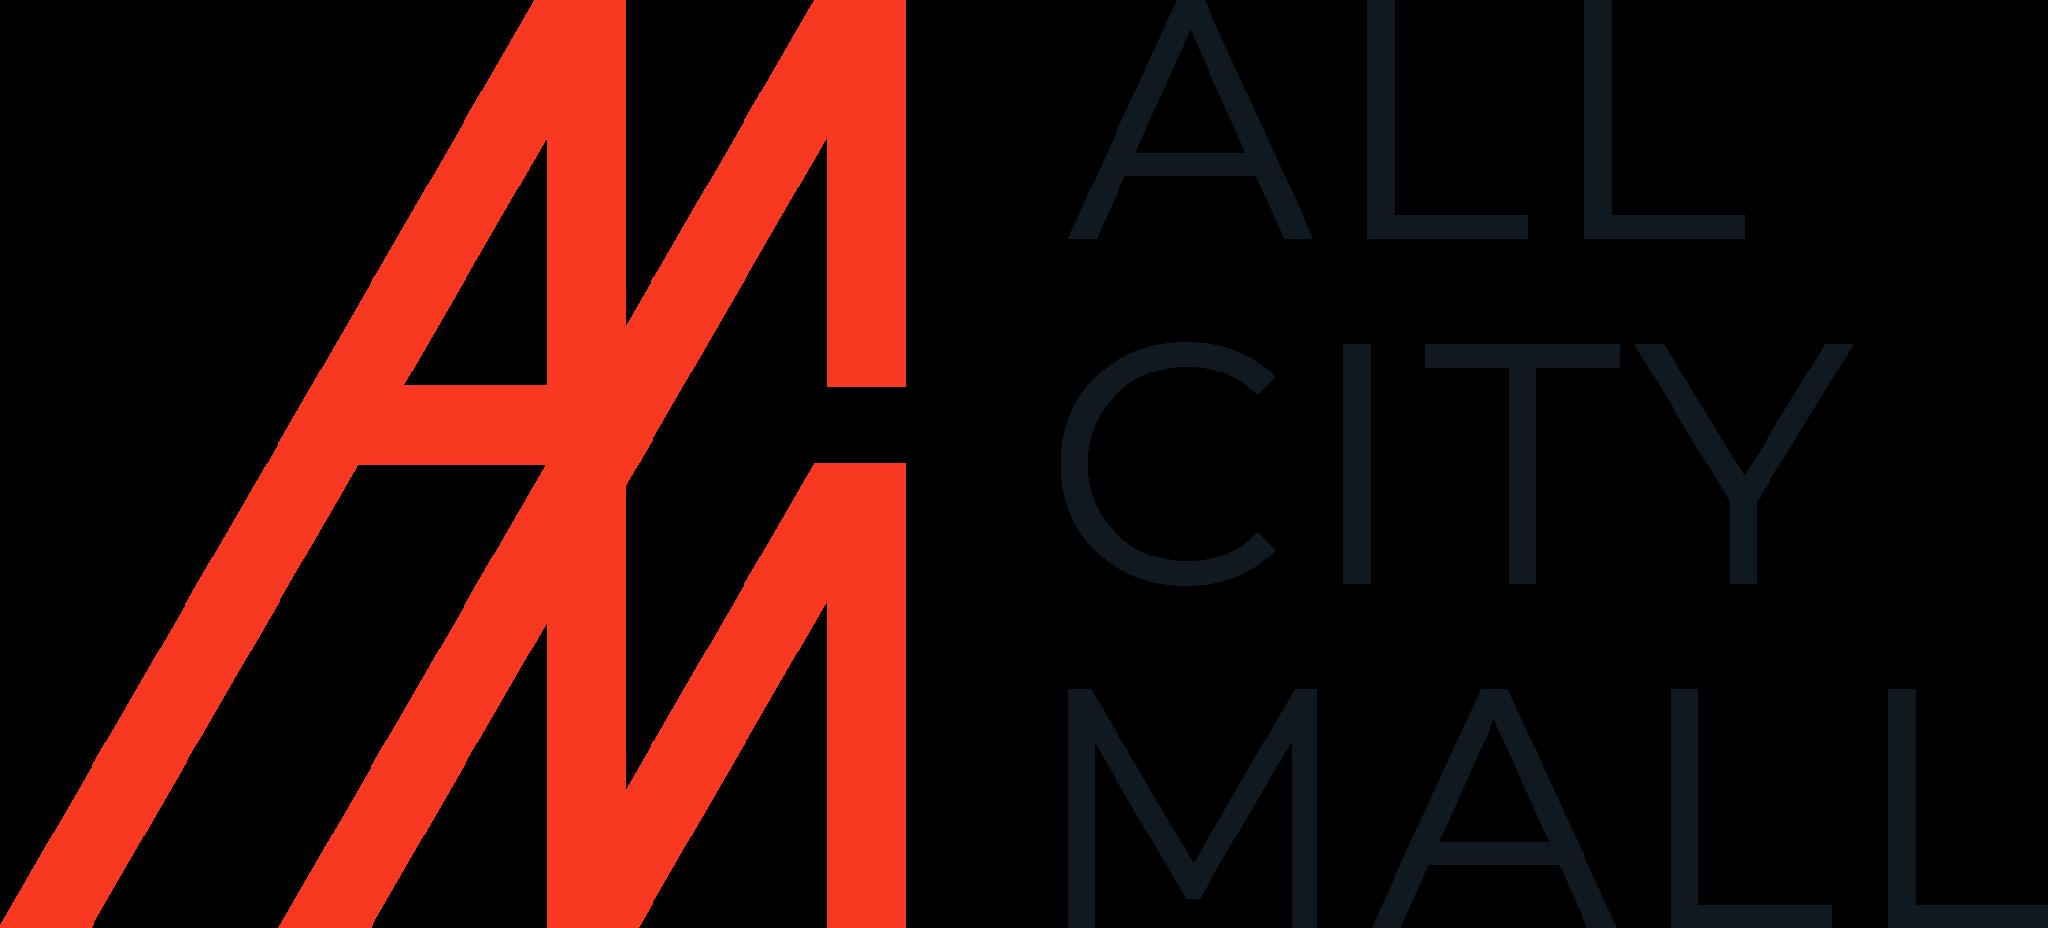 AllCityMall